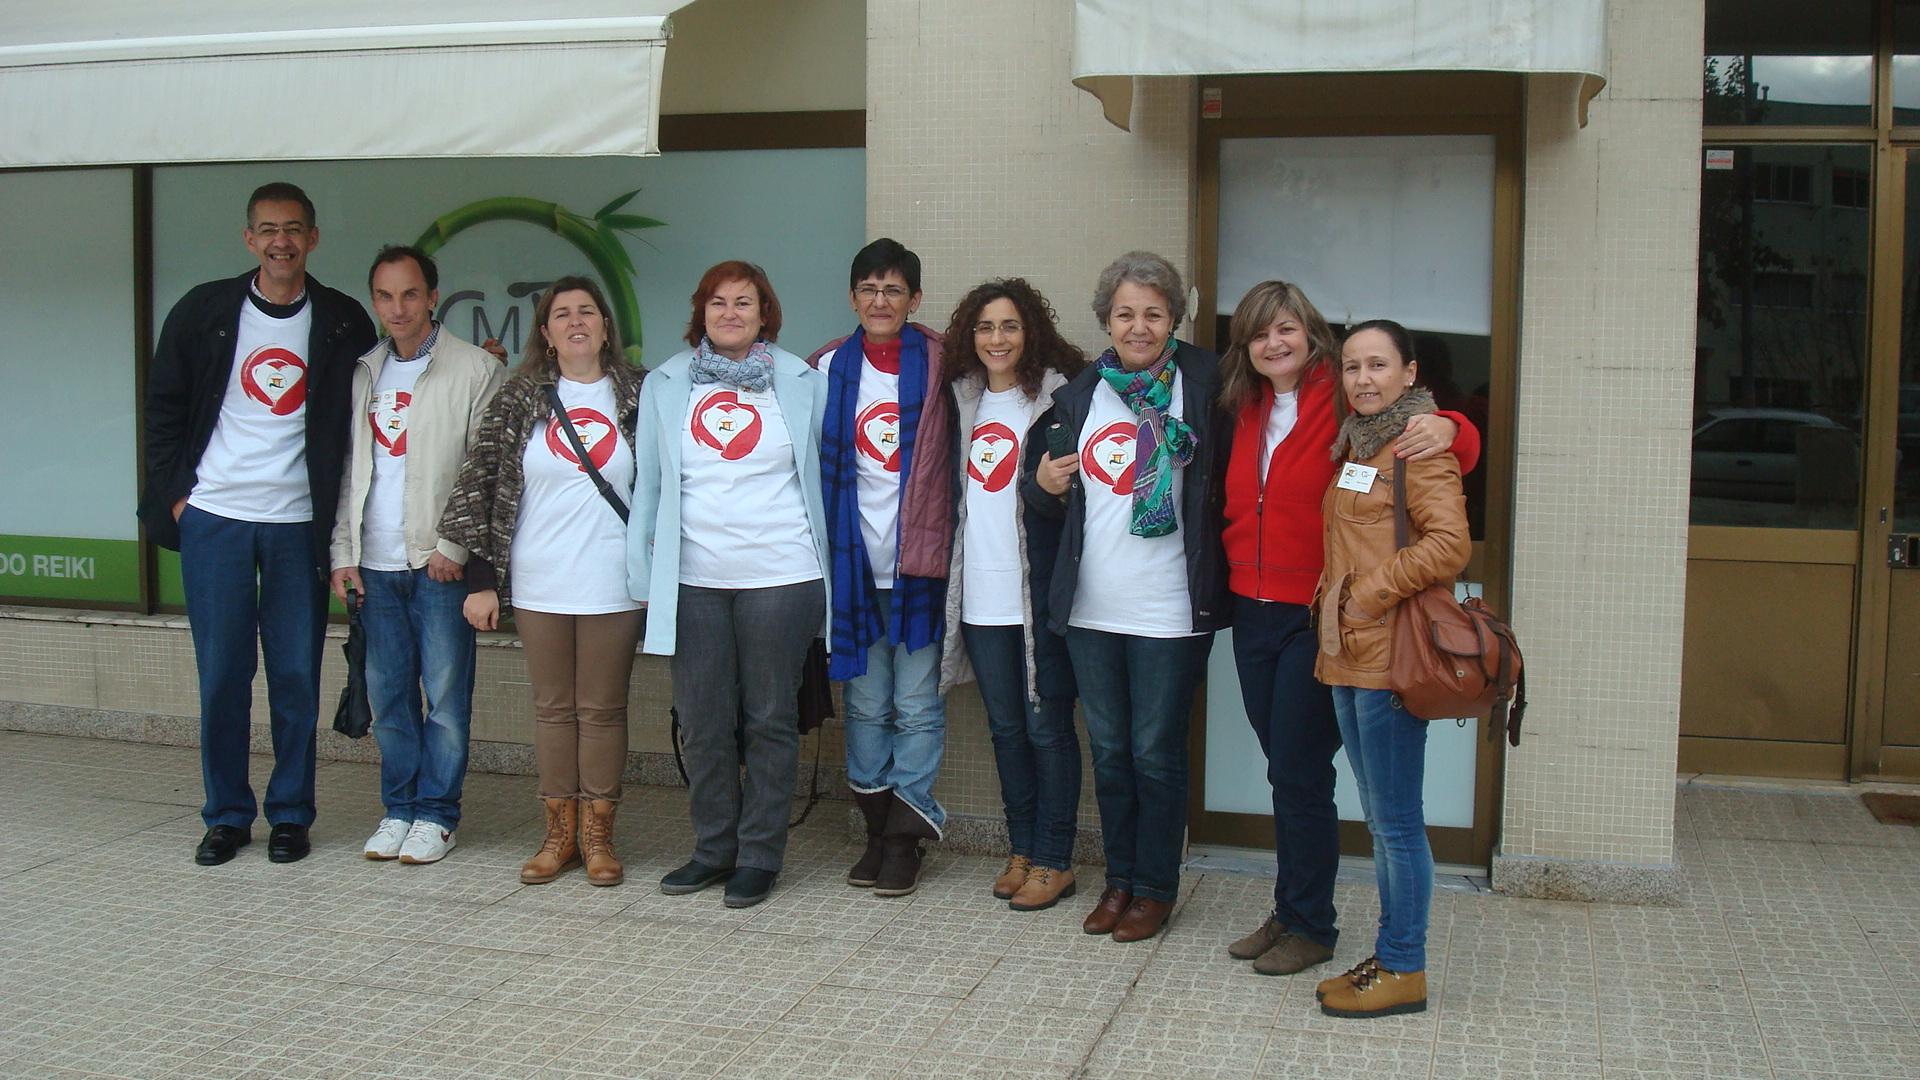 Voluntariado Reiki no lar de idosos Miminho, em Braga